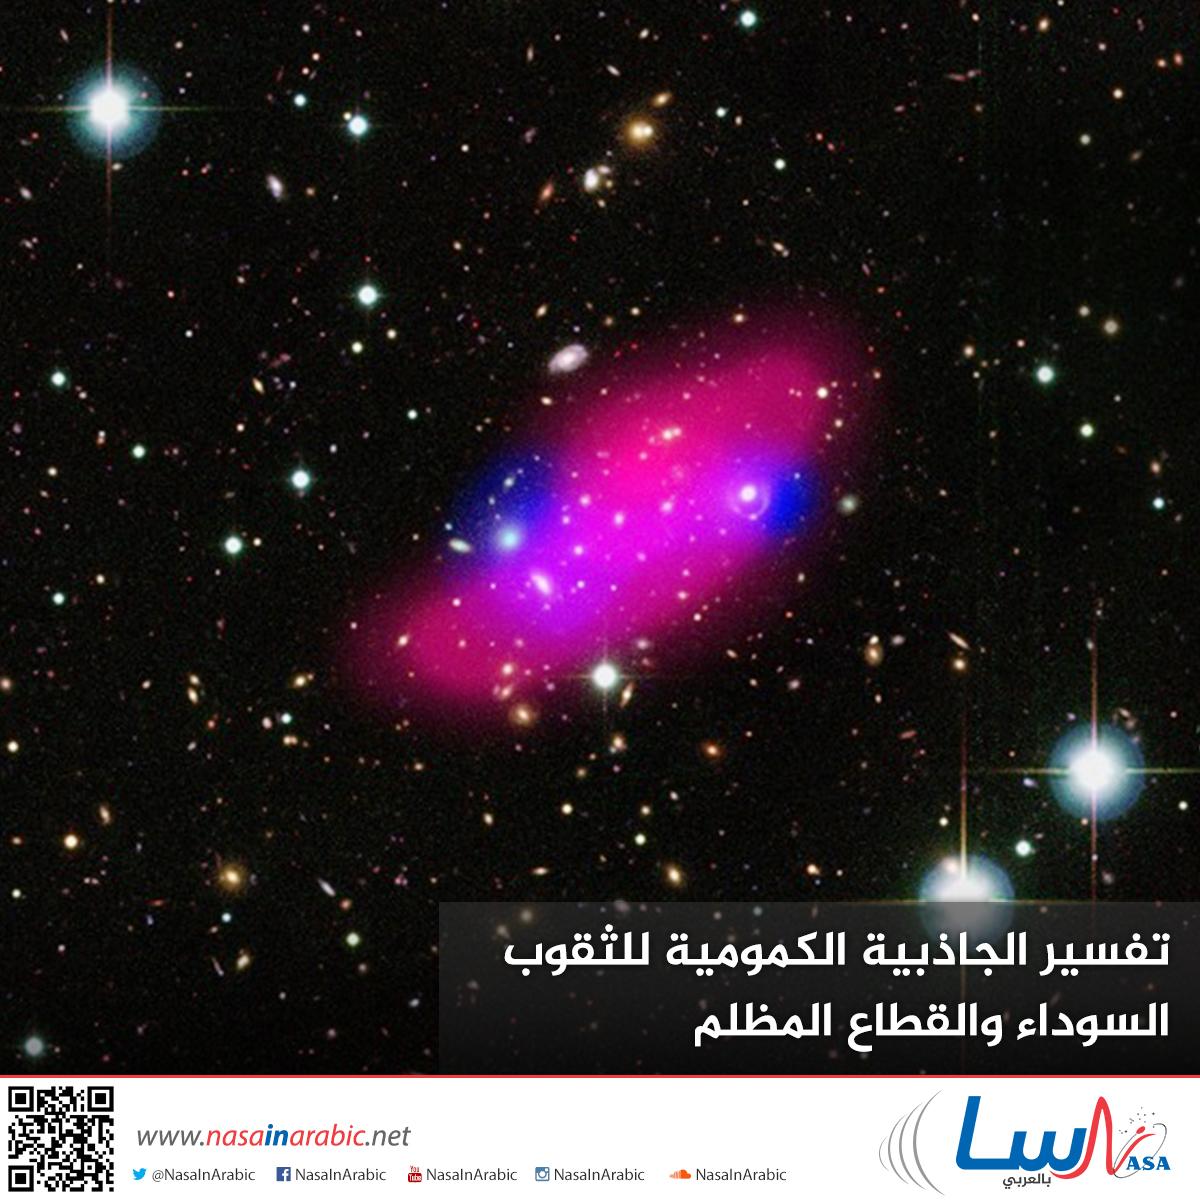 تفسير الجاذبية الكمومية للثقوب السوداء والقطاع المظلم